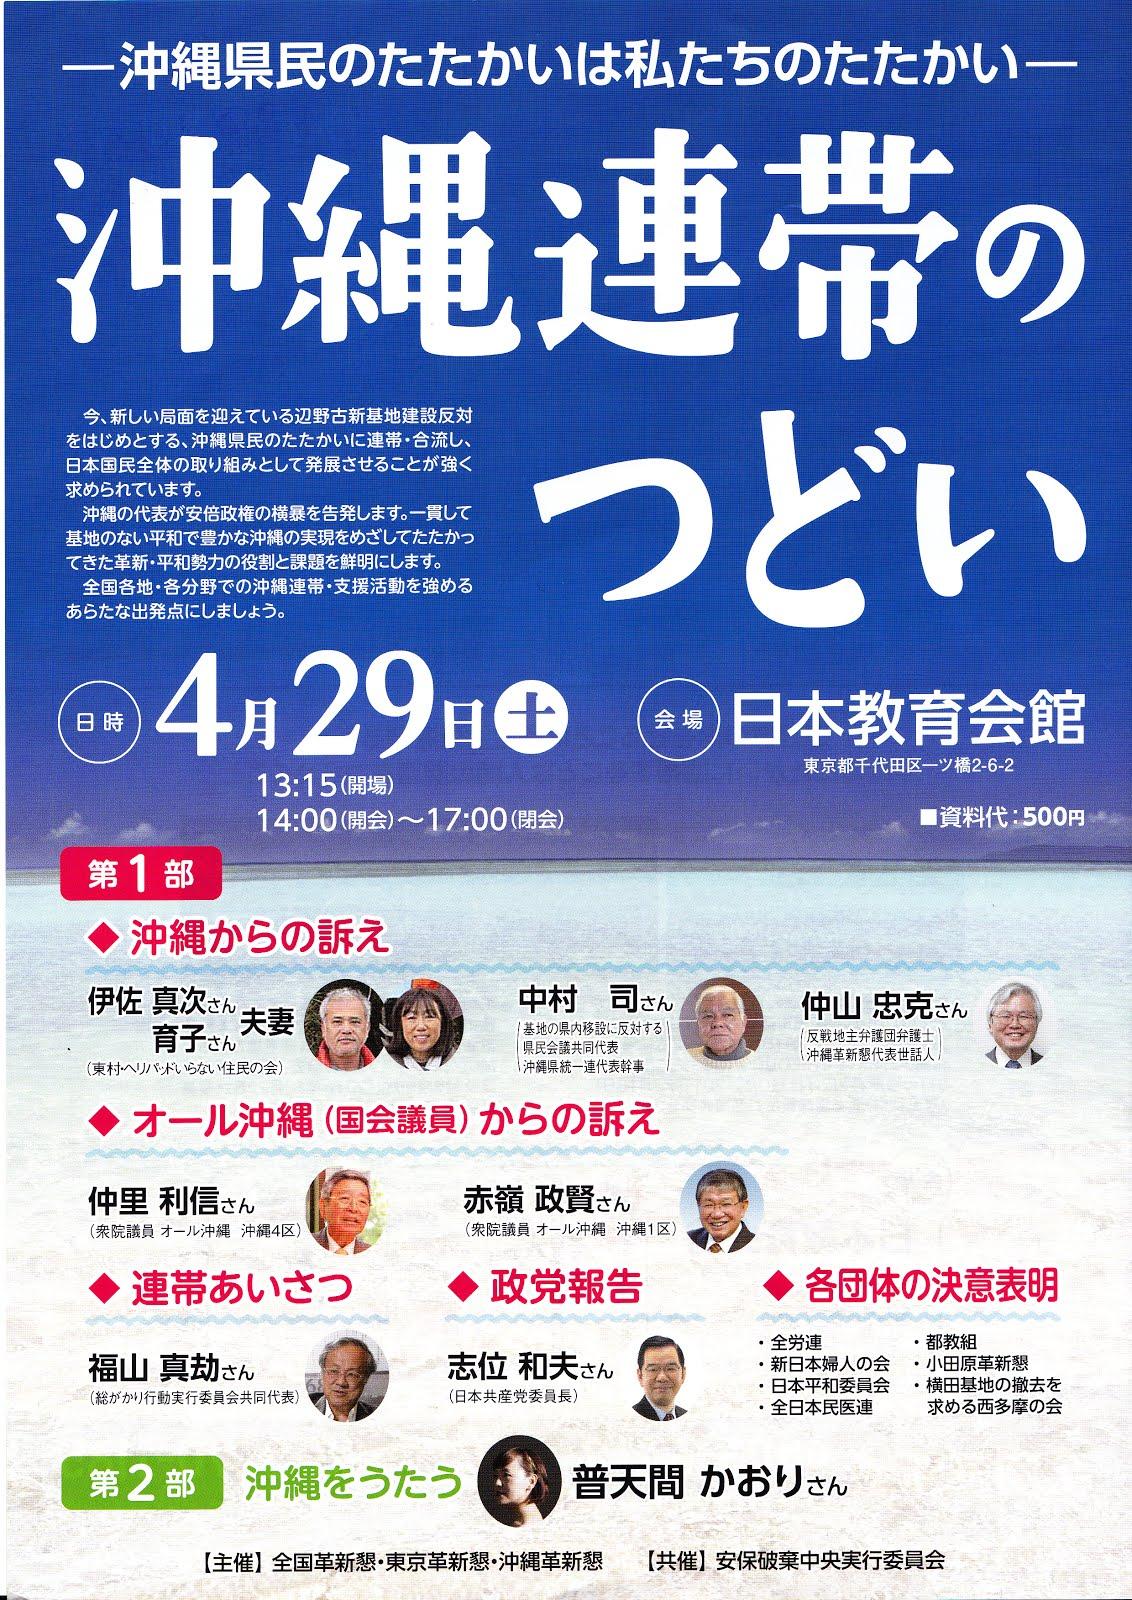 4/29 沖縄連帯のつどい